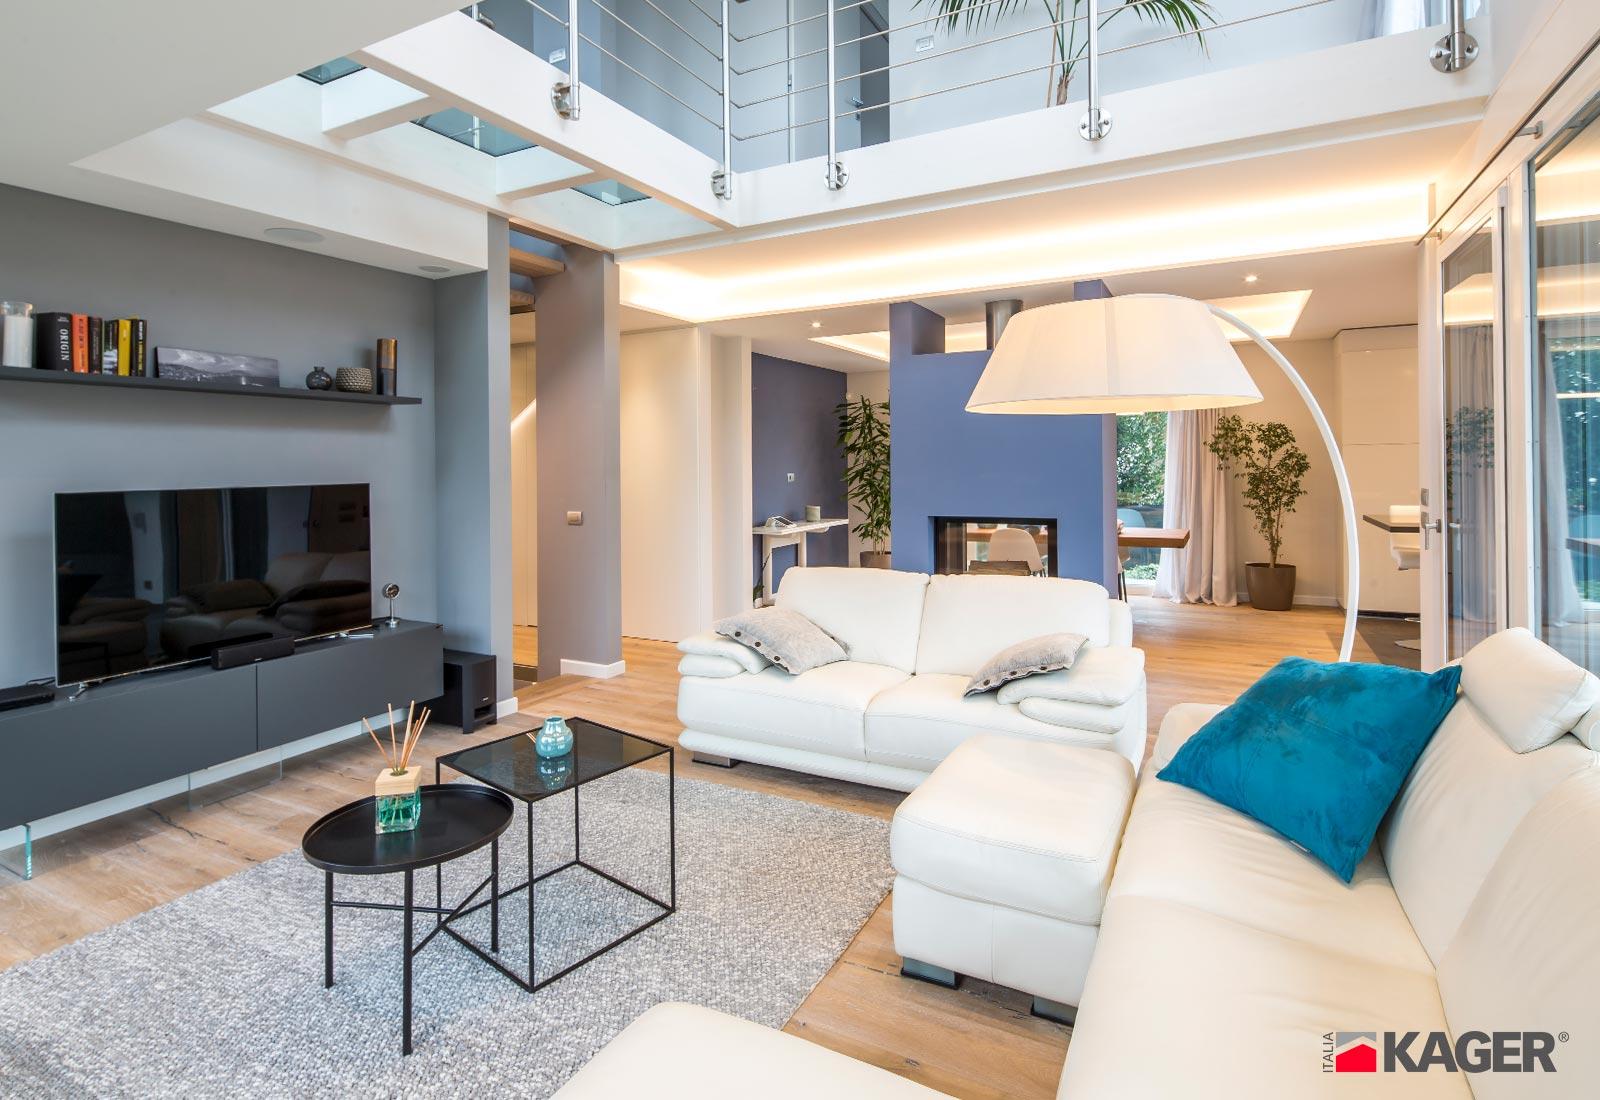 Casa-in-legno-Arcisate-Varese-Kager-Italia-15